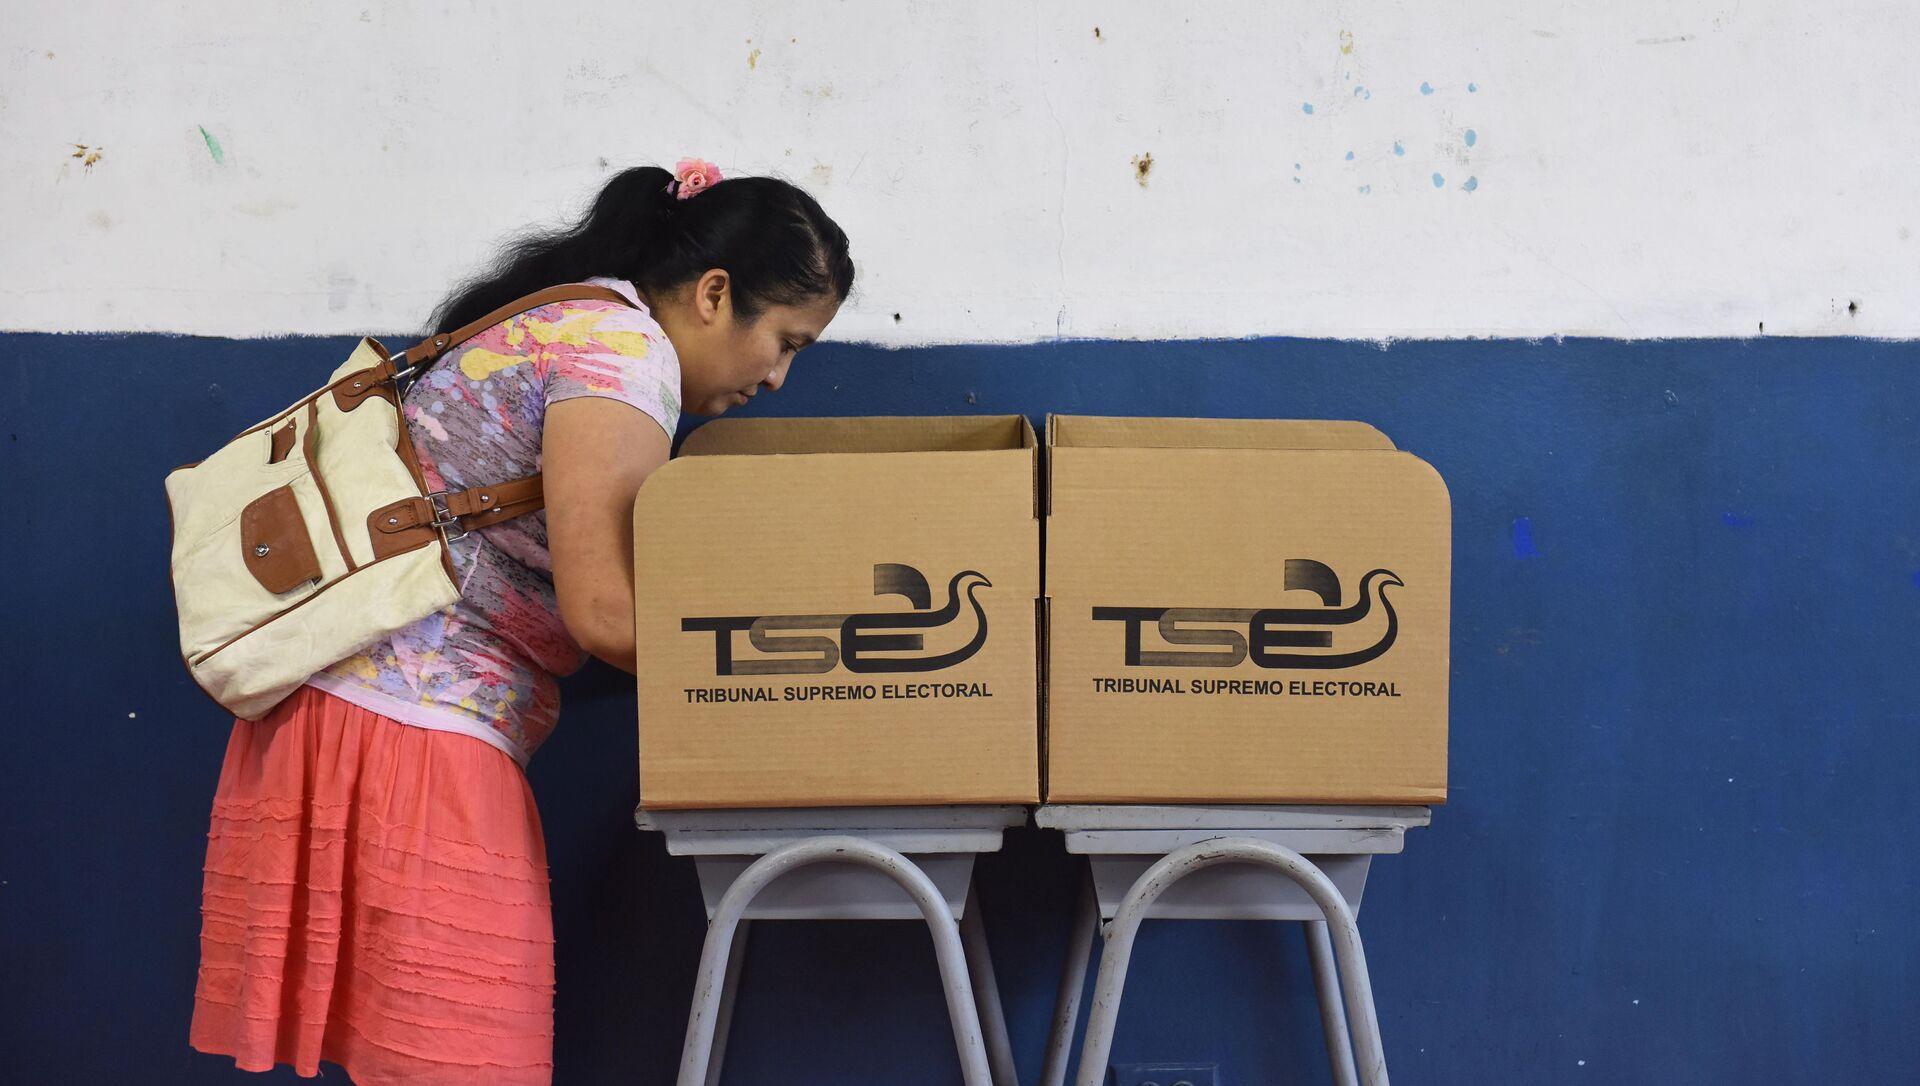 Elecciones presidenciale sen El Salvador - Sputnik Mundo, 1920, 28.12.2020